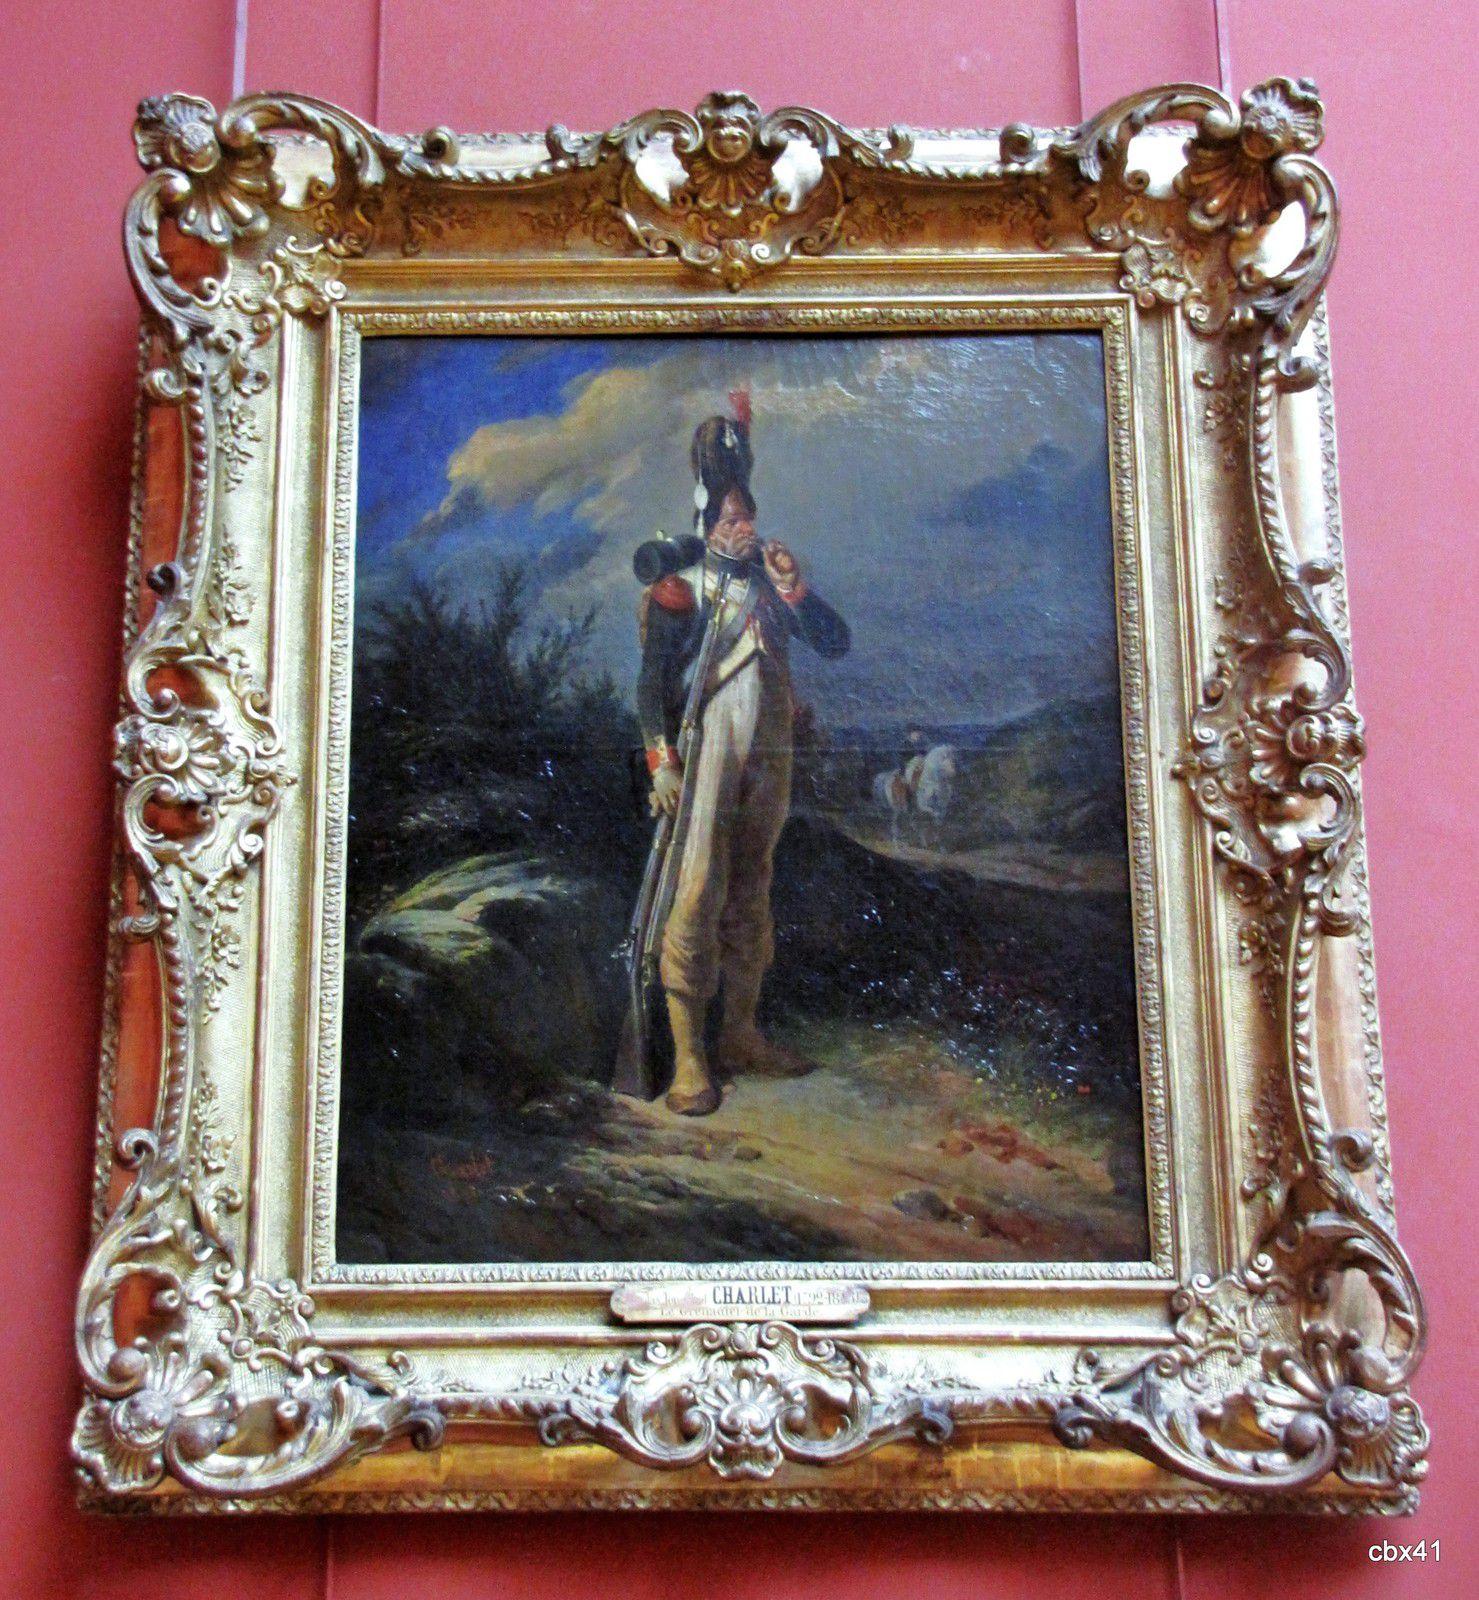 Nicolas Toussaint Charlet, Grenadier de la Garde